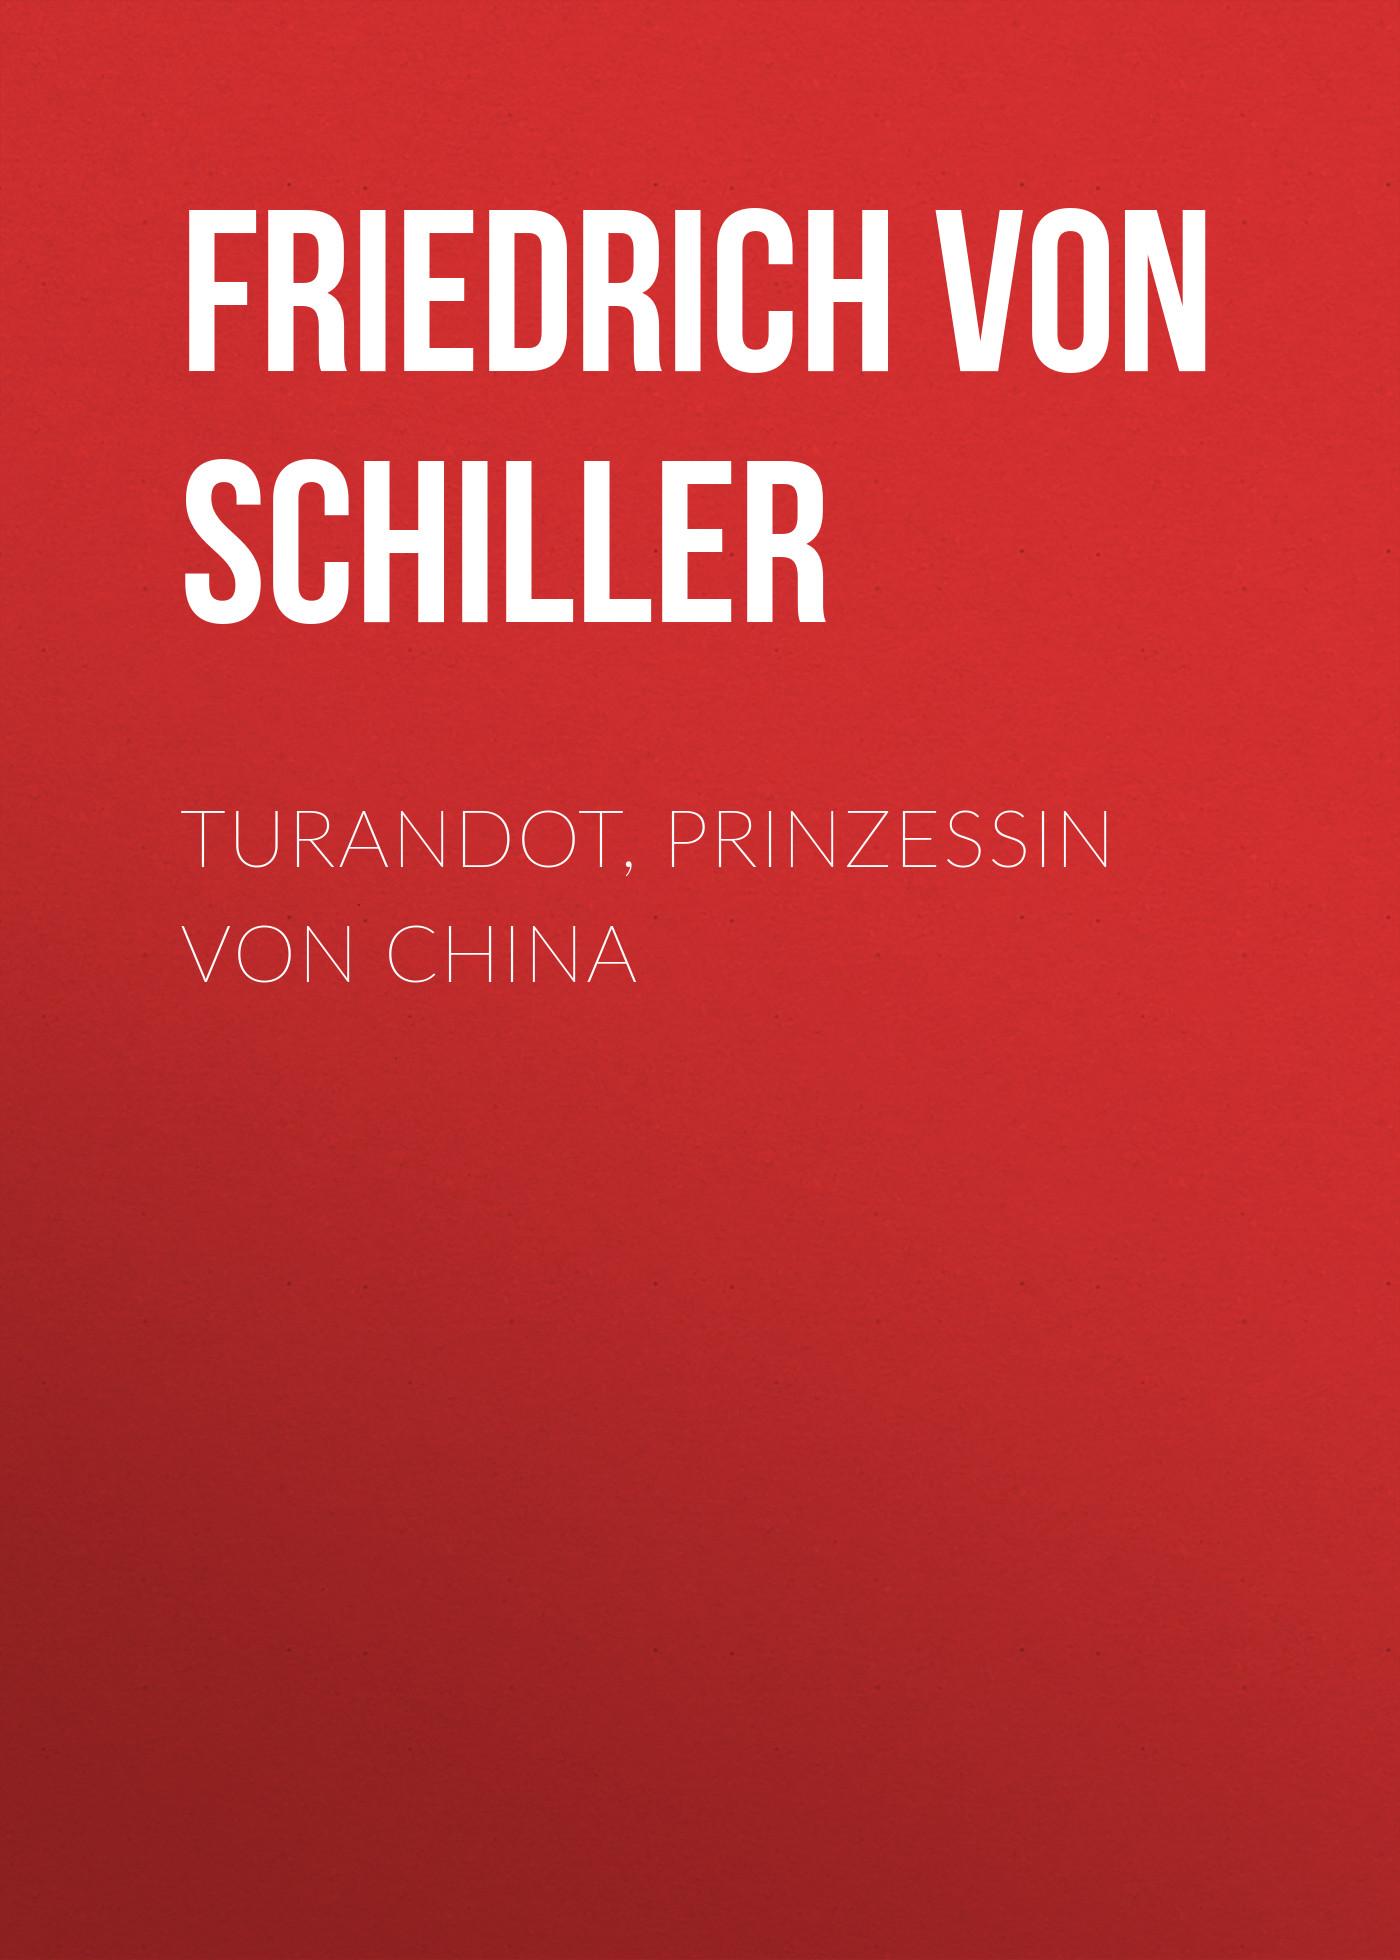 Friedrich von Schiller Turandot, Prinzessin von China friedrich von schiller gedichte